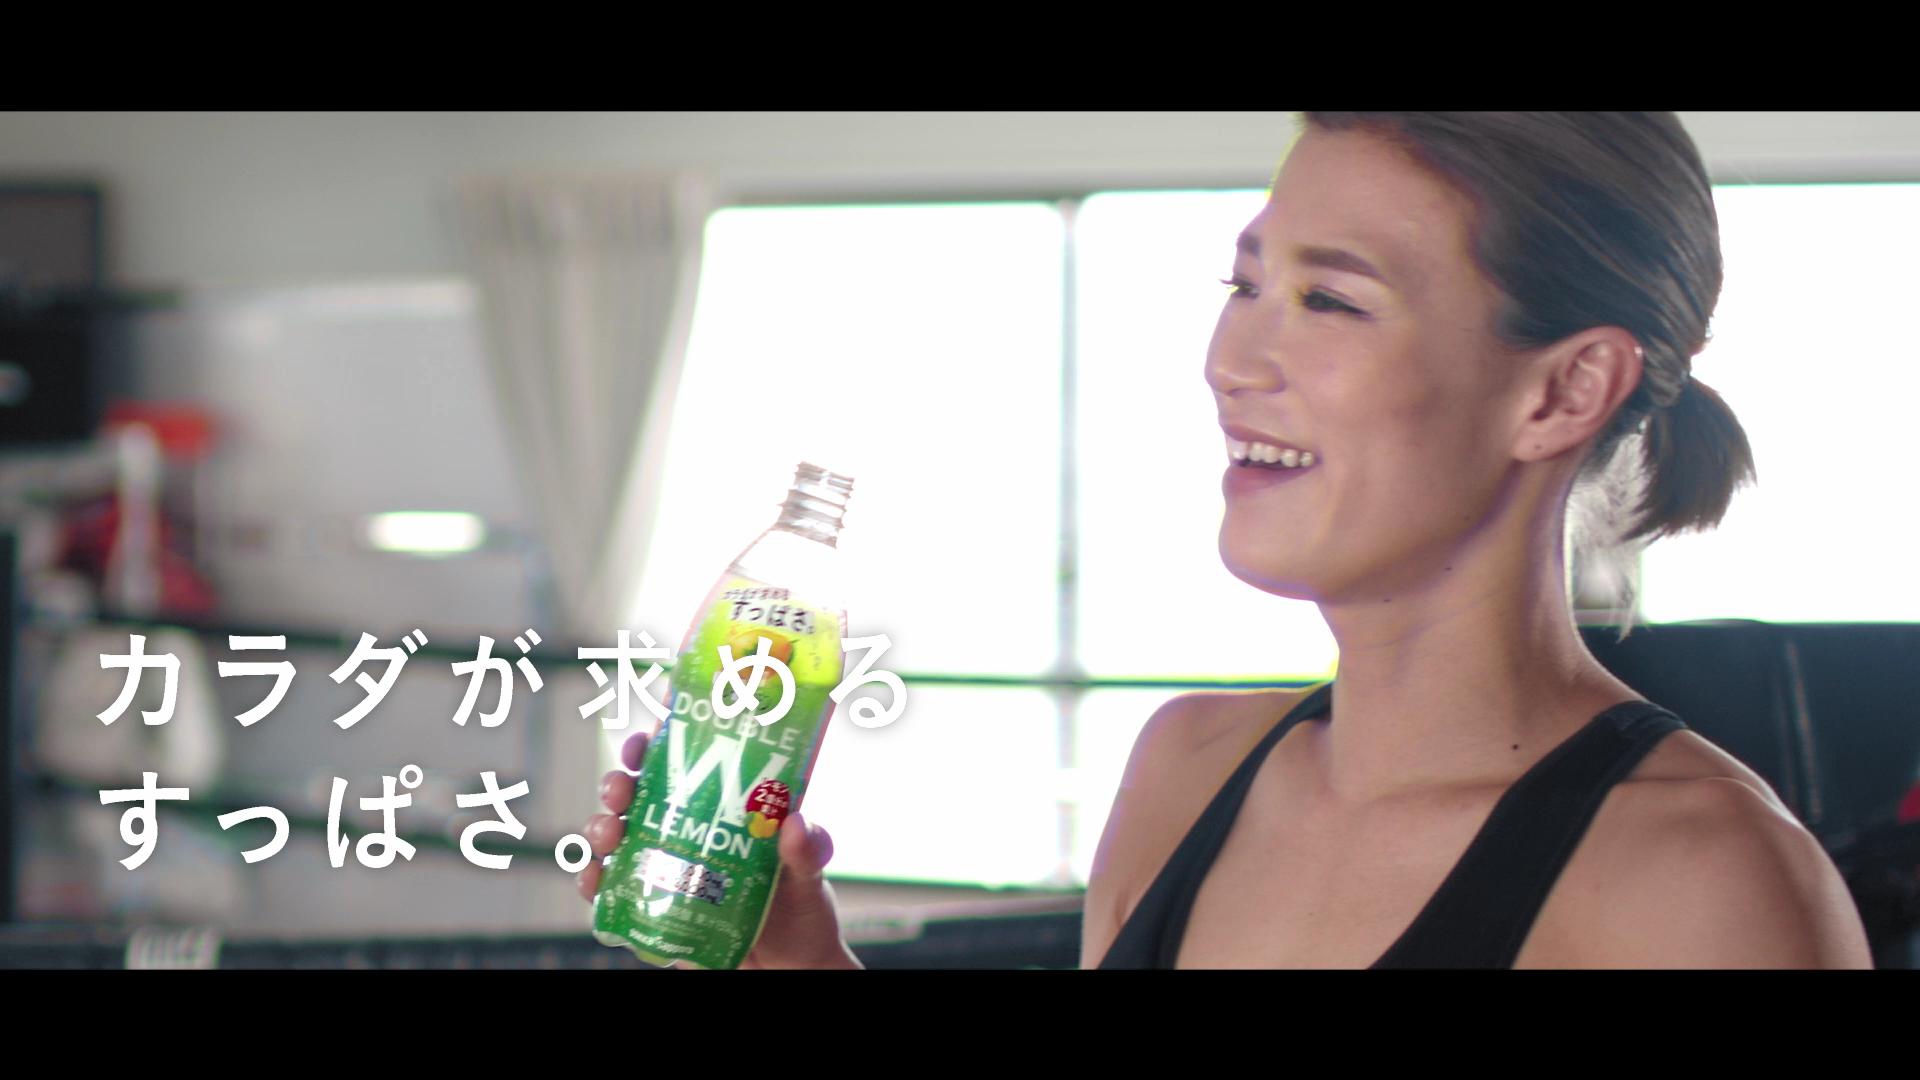 ボクサー・高野人母美 【「キレートレモン ダブルレモン」発売記念CM】